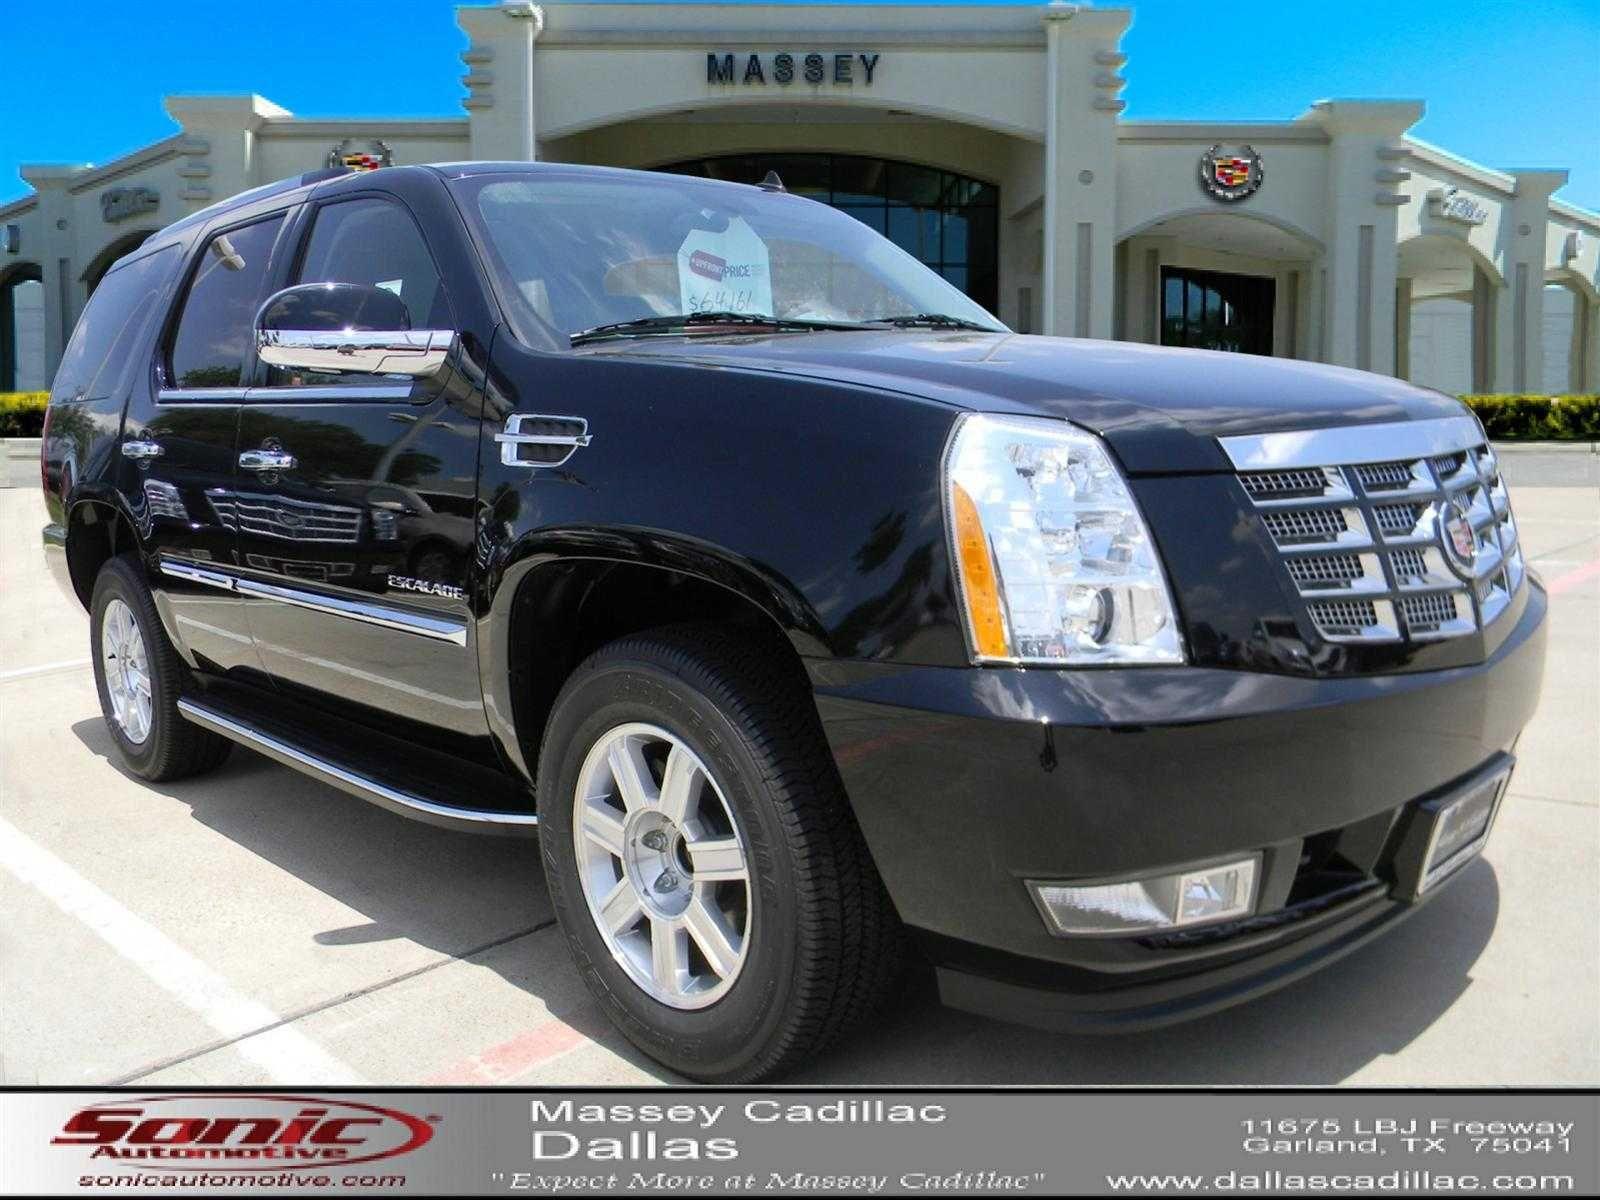 2013 Cadillac Escalade For Sale >> Pin On Cadillac Escalade